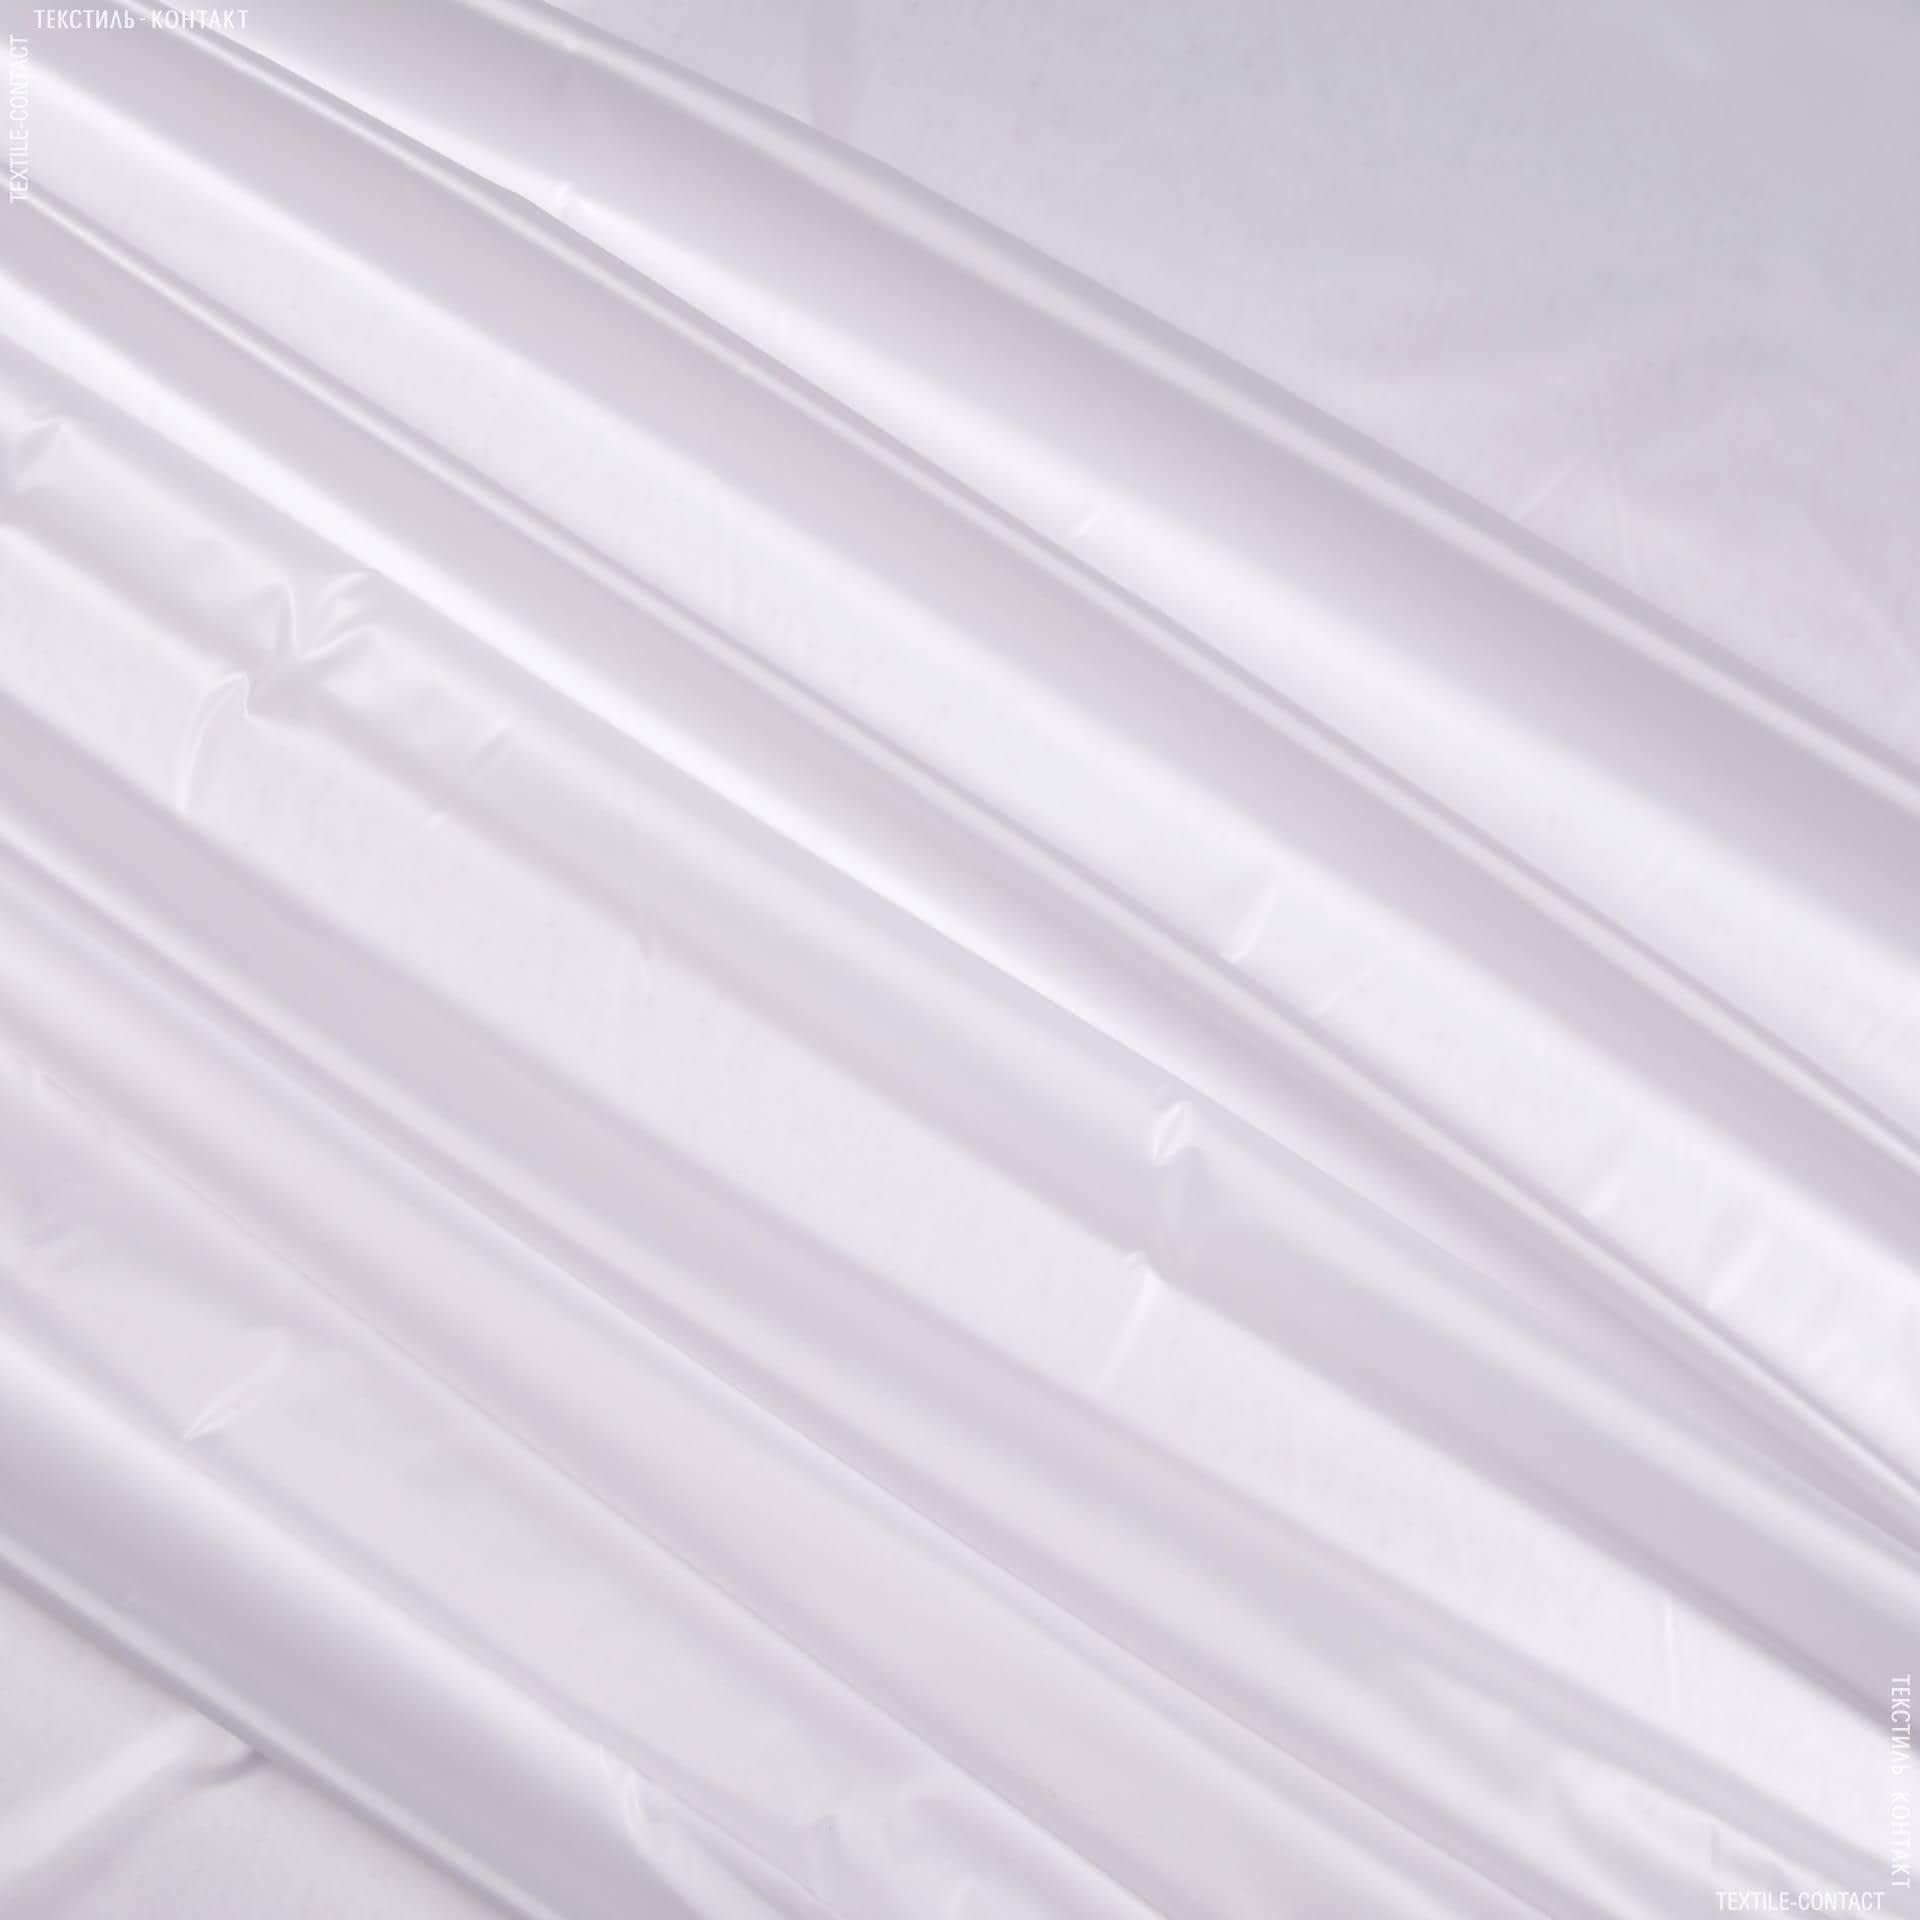 Ткани для спортивной одежды - Плащевая руби лаке белый